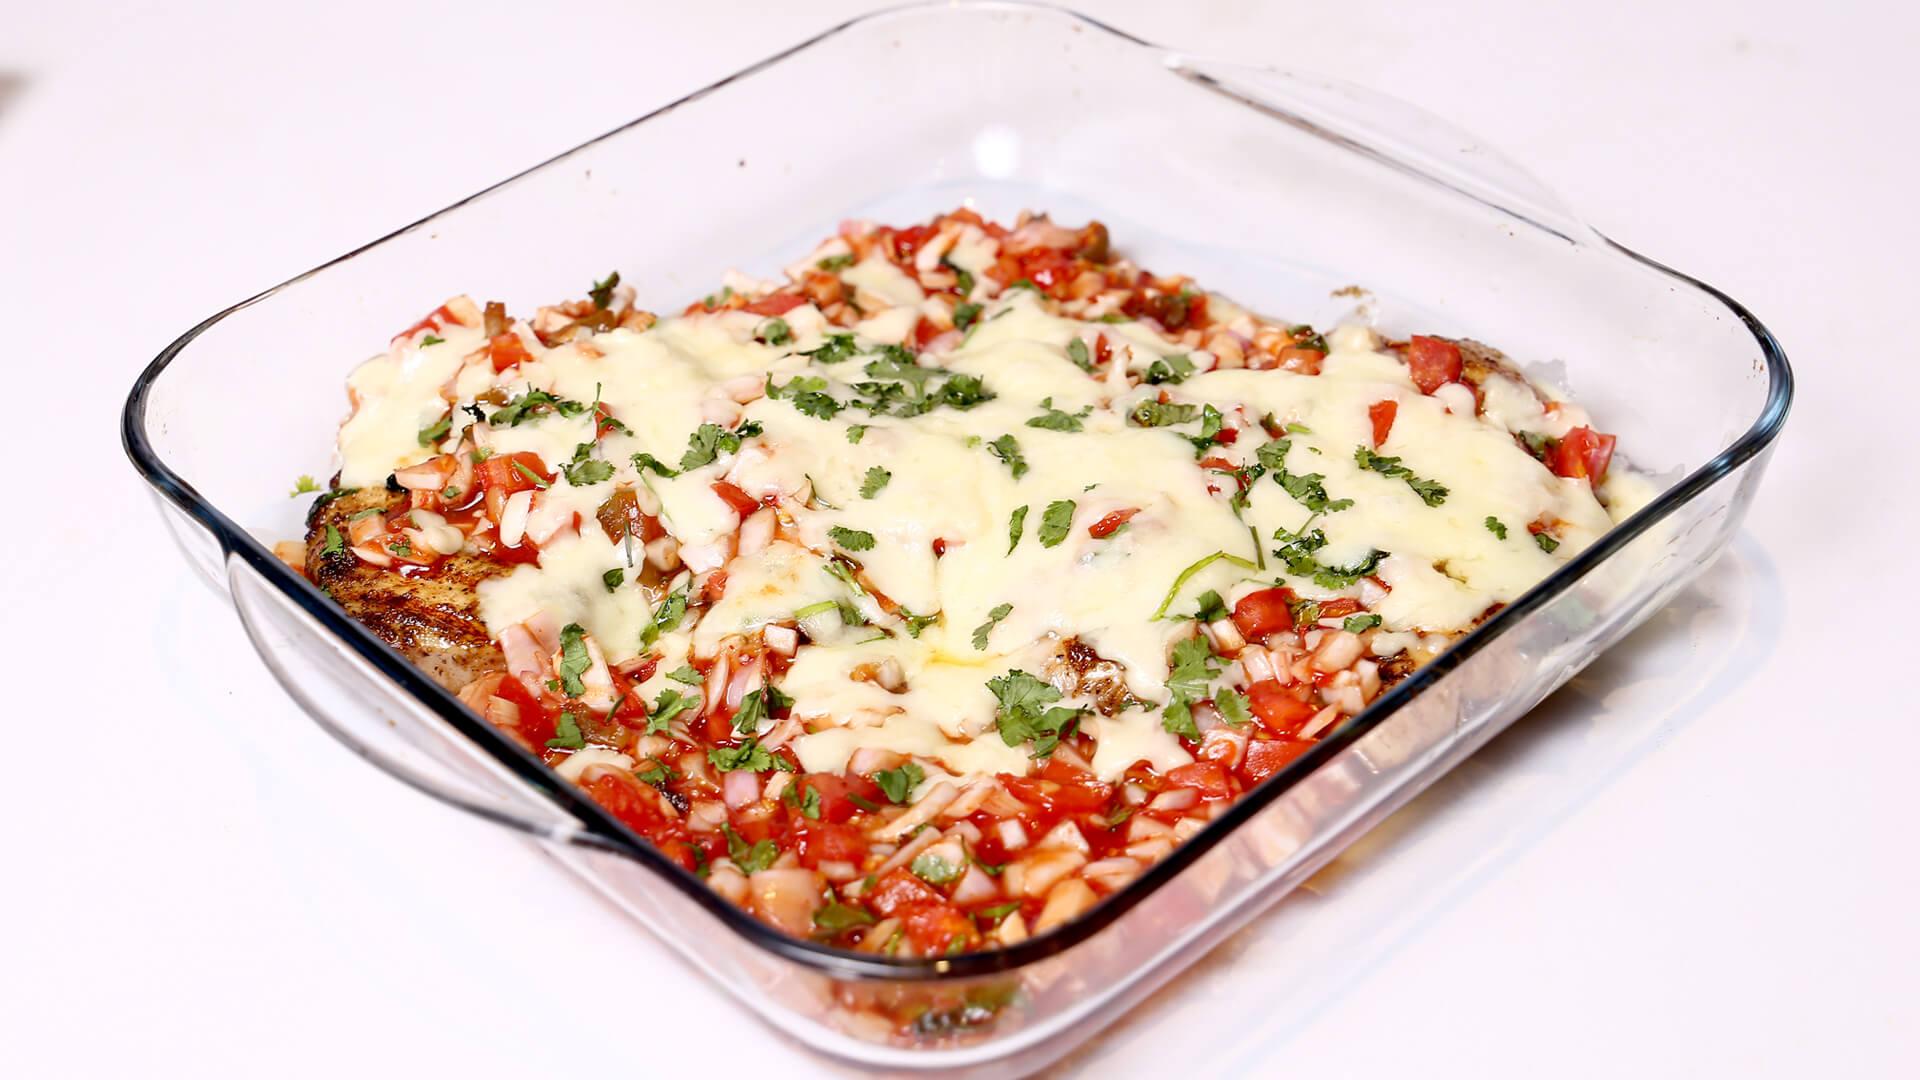 Cheesy Salsa Chicken Casserole Recipe